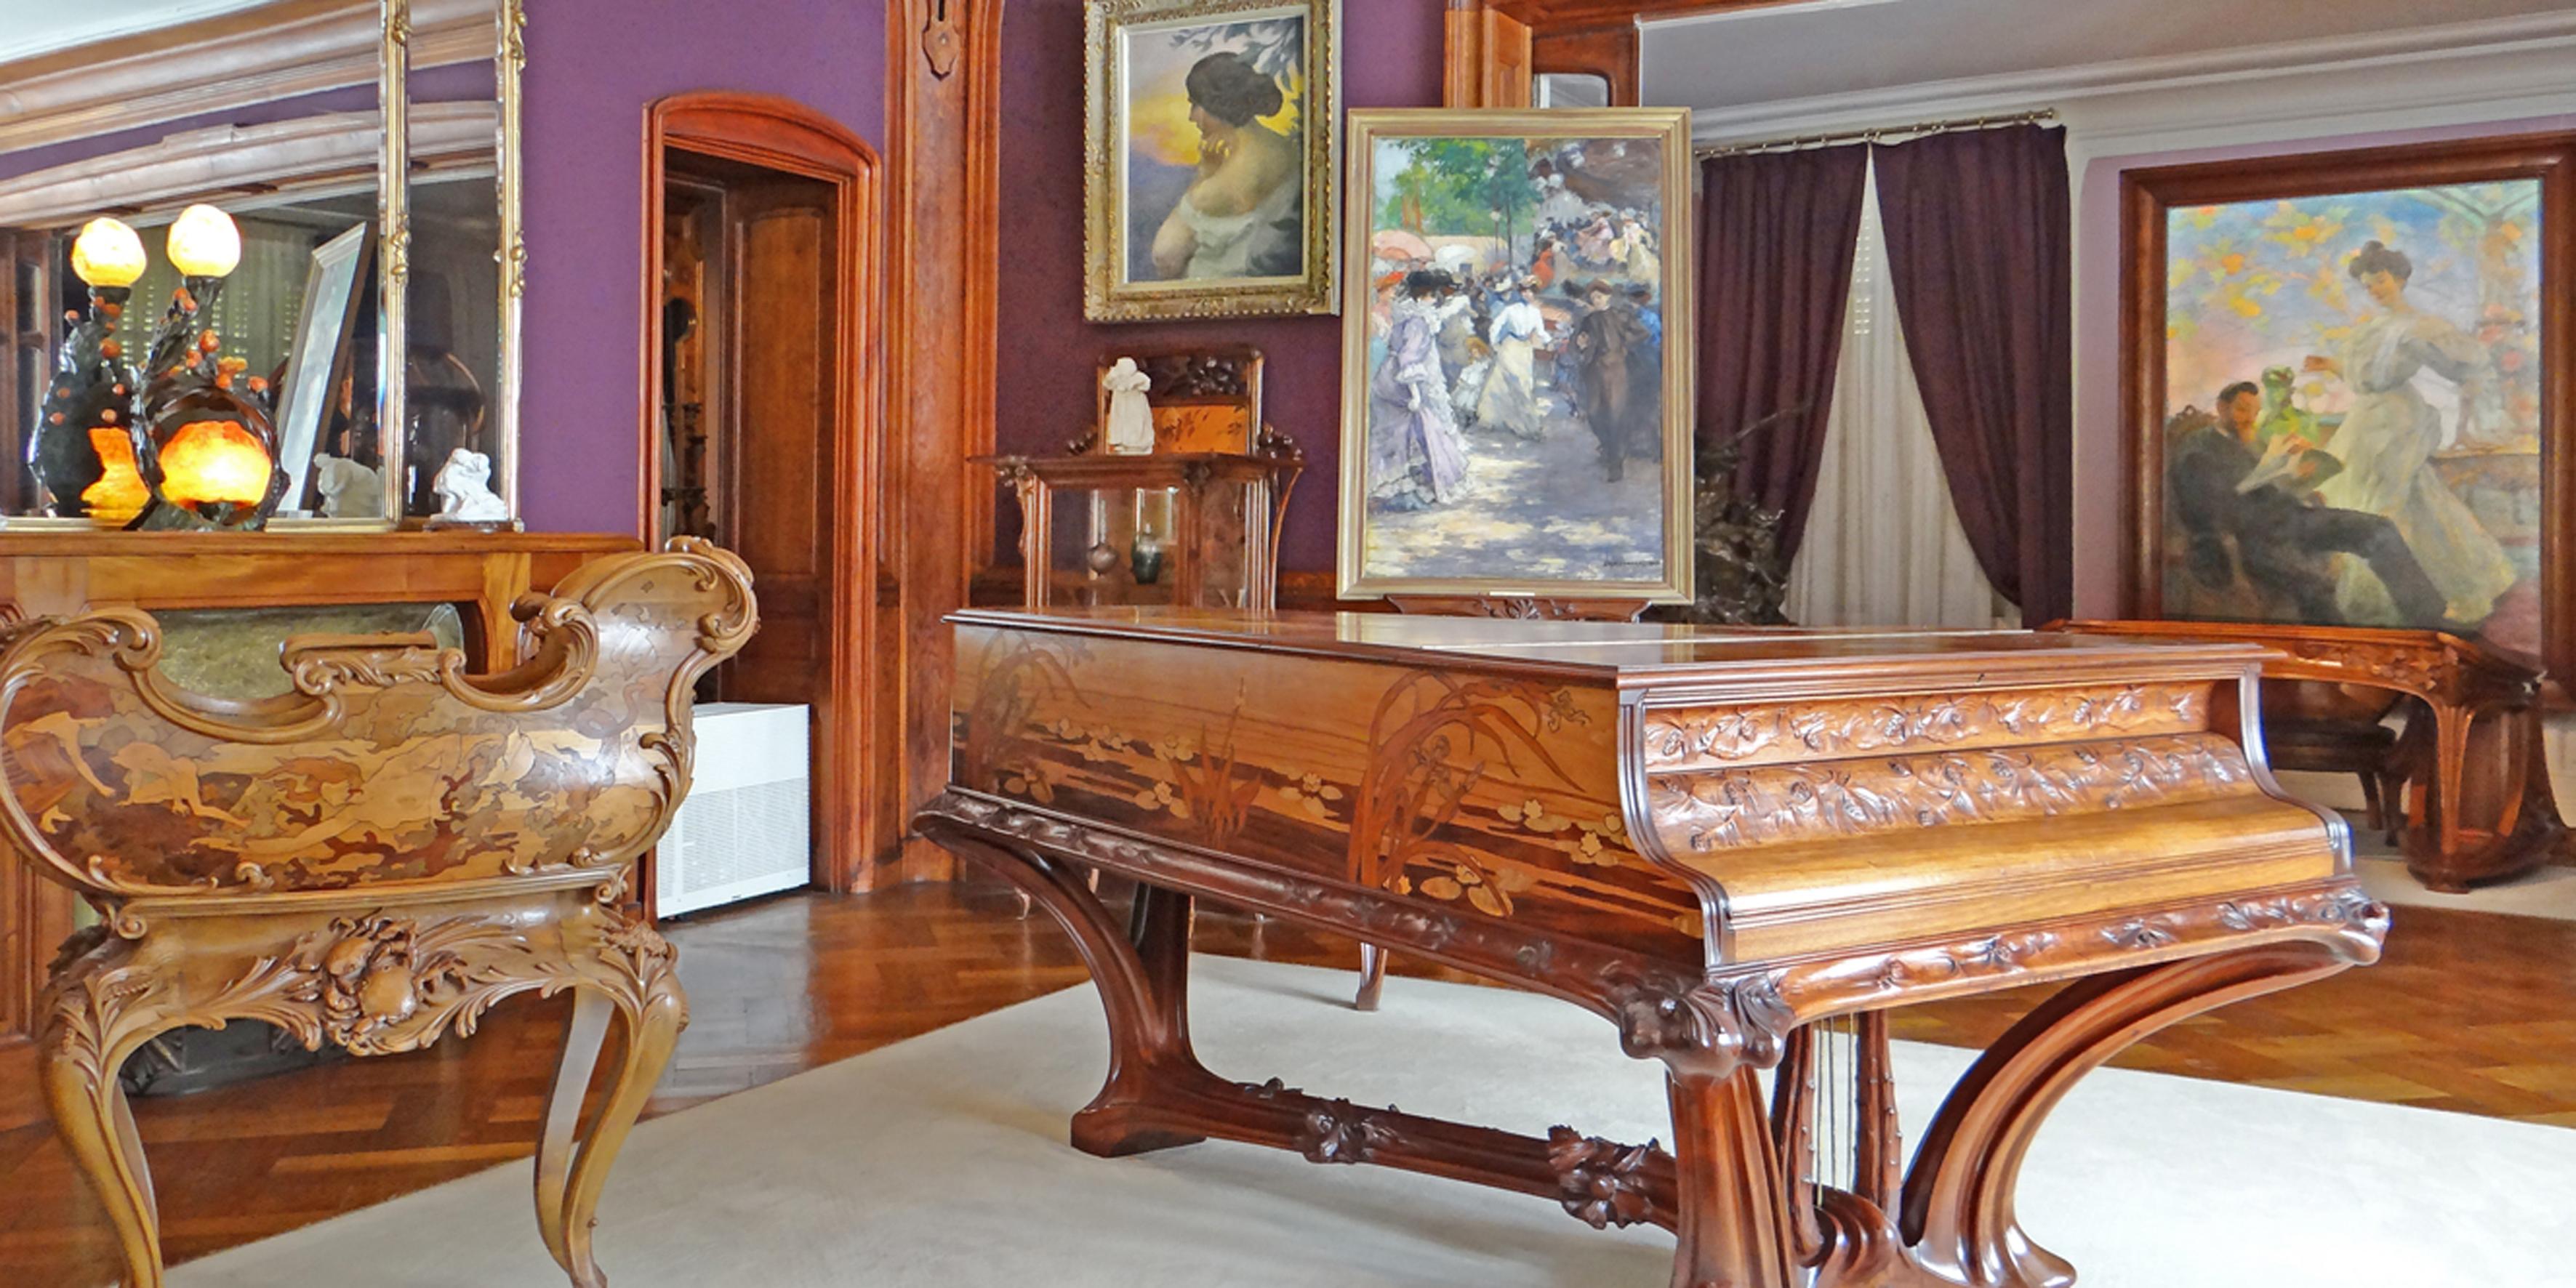 L'ancien_salon_Corbin,_Musée_de_l'École_de_Nancy